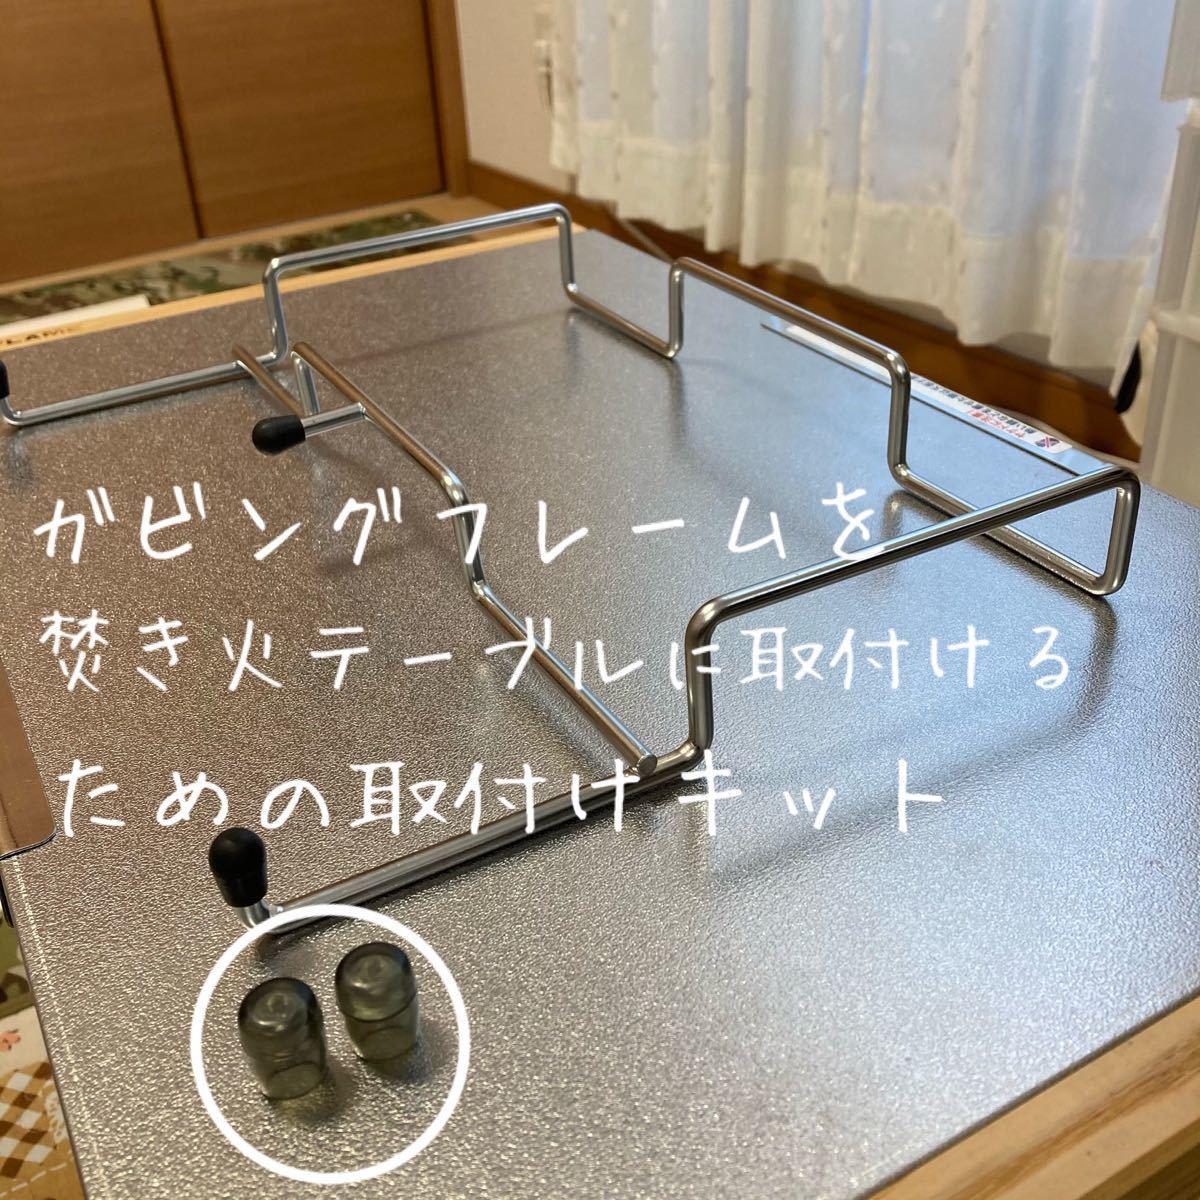 ベージュ ユニフレーム 焚き火テーブル用 ガビングフレーム帆布カバー スノーピーク マルチファンクションテーブル用